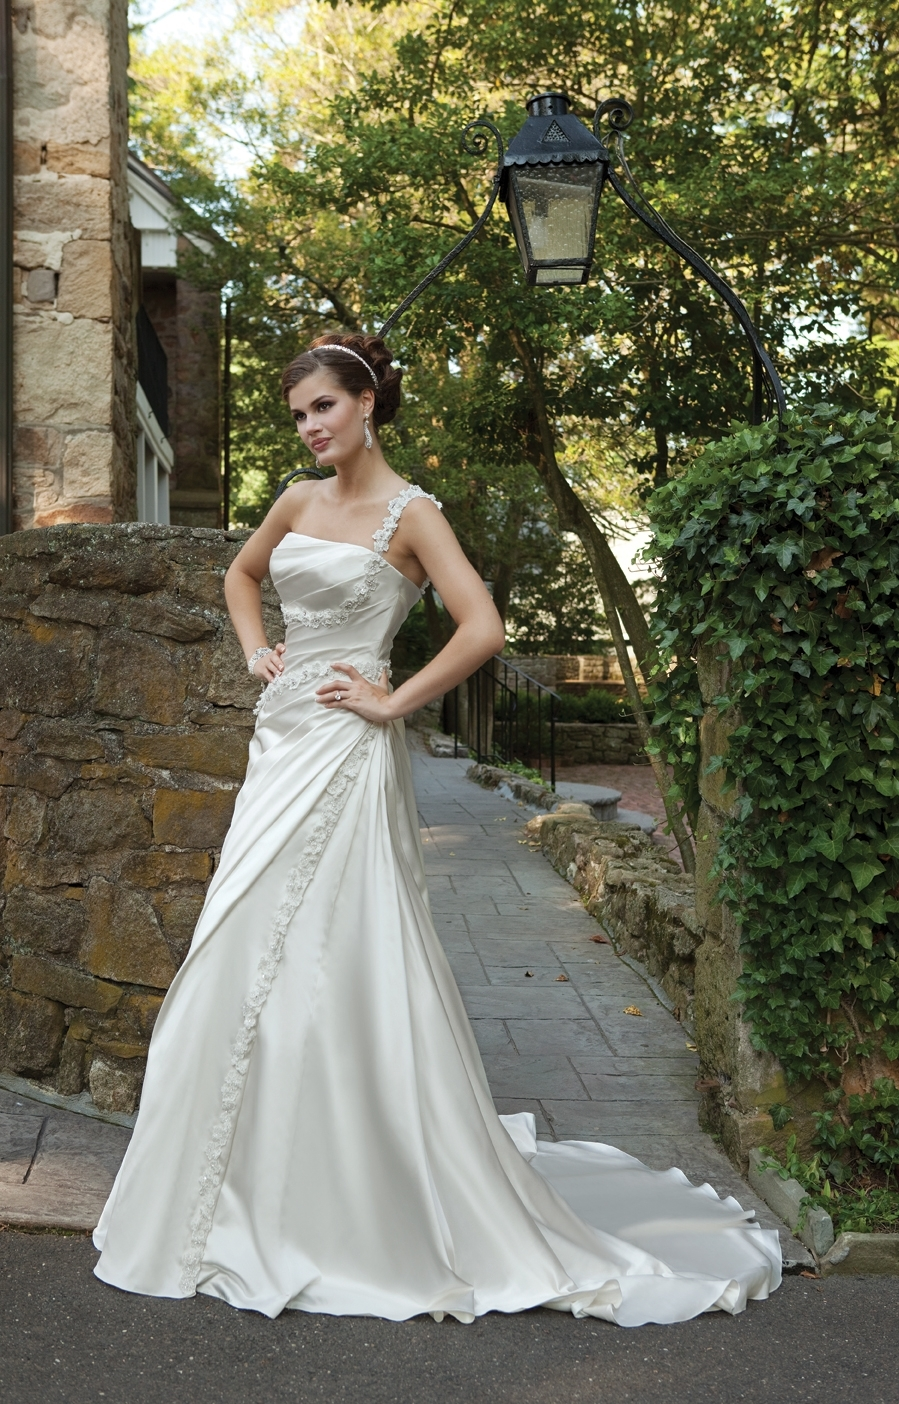 I231109-spring-2011-2bebride-kathy-ireland-wedding-dress.full